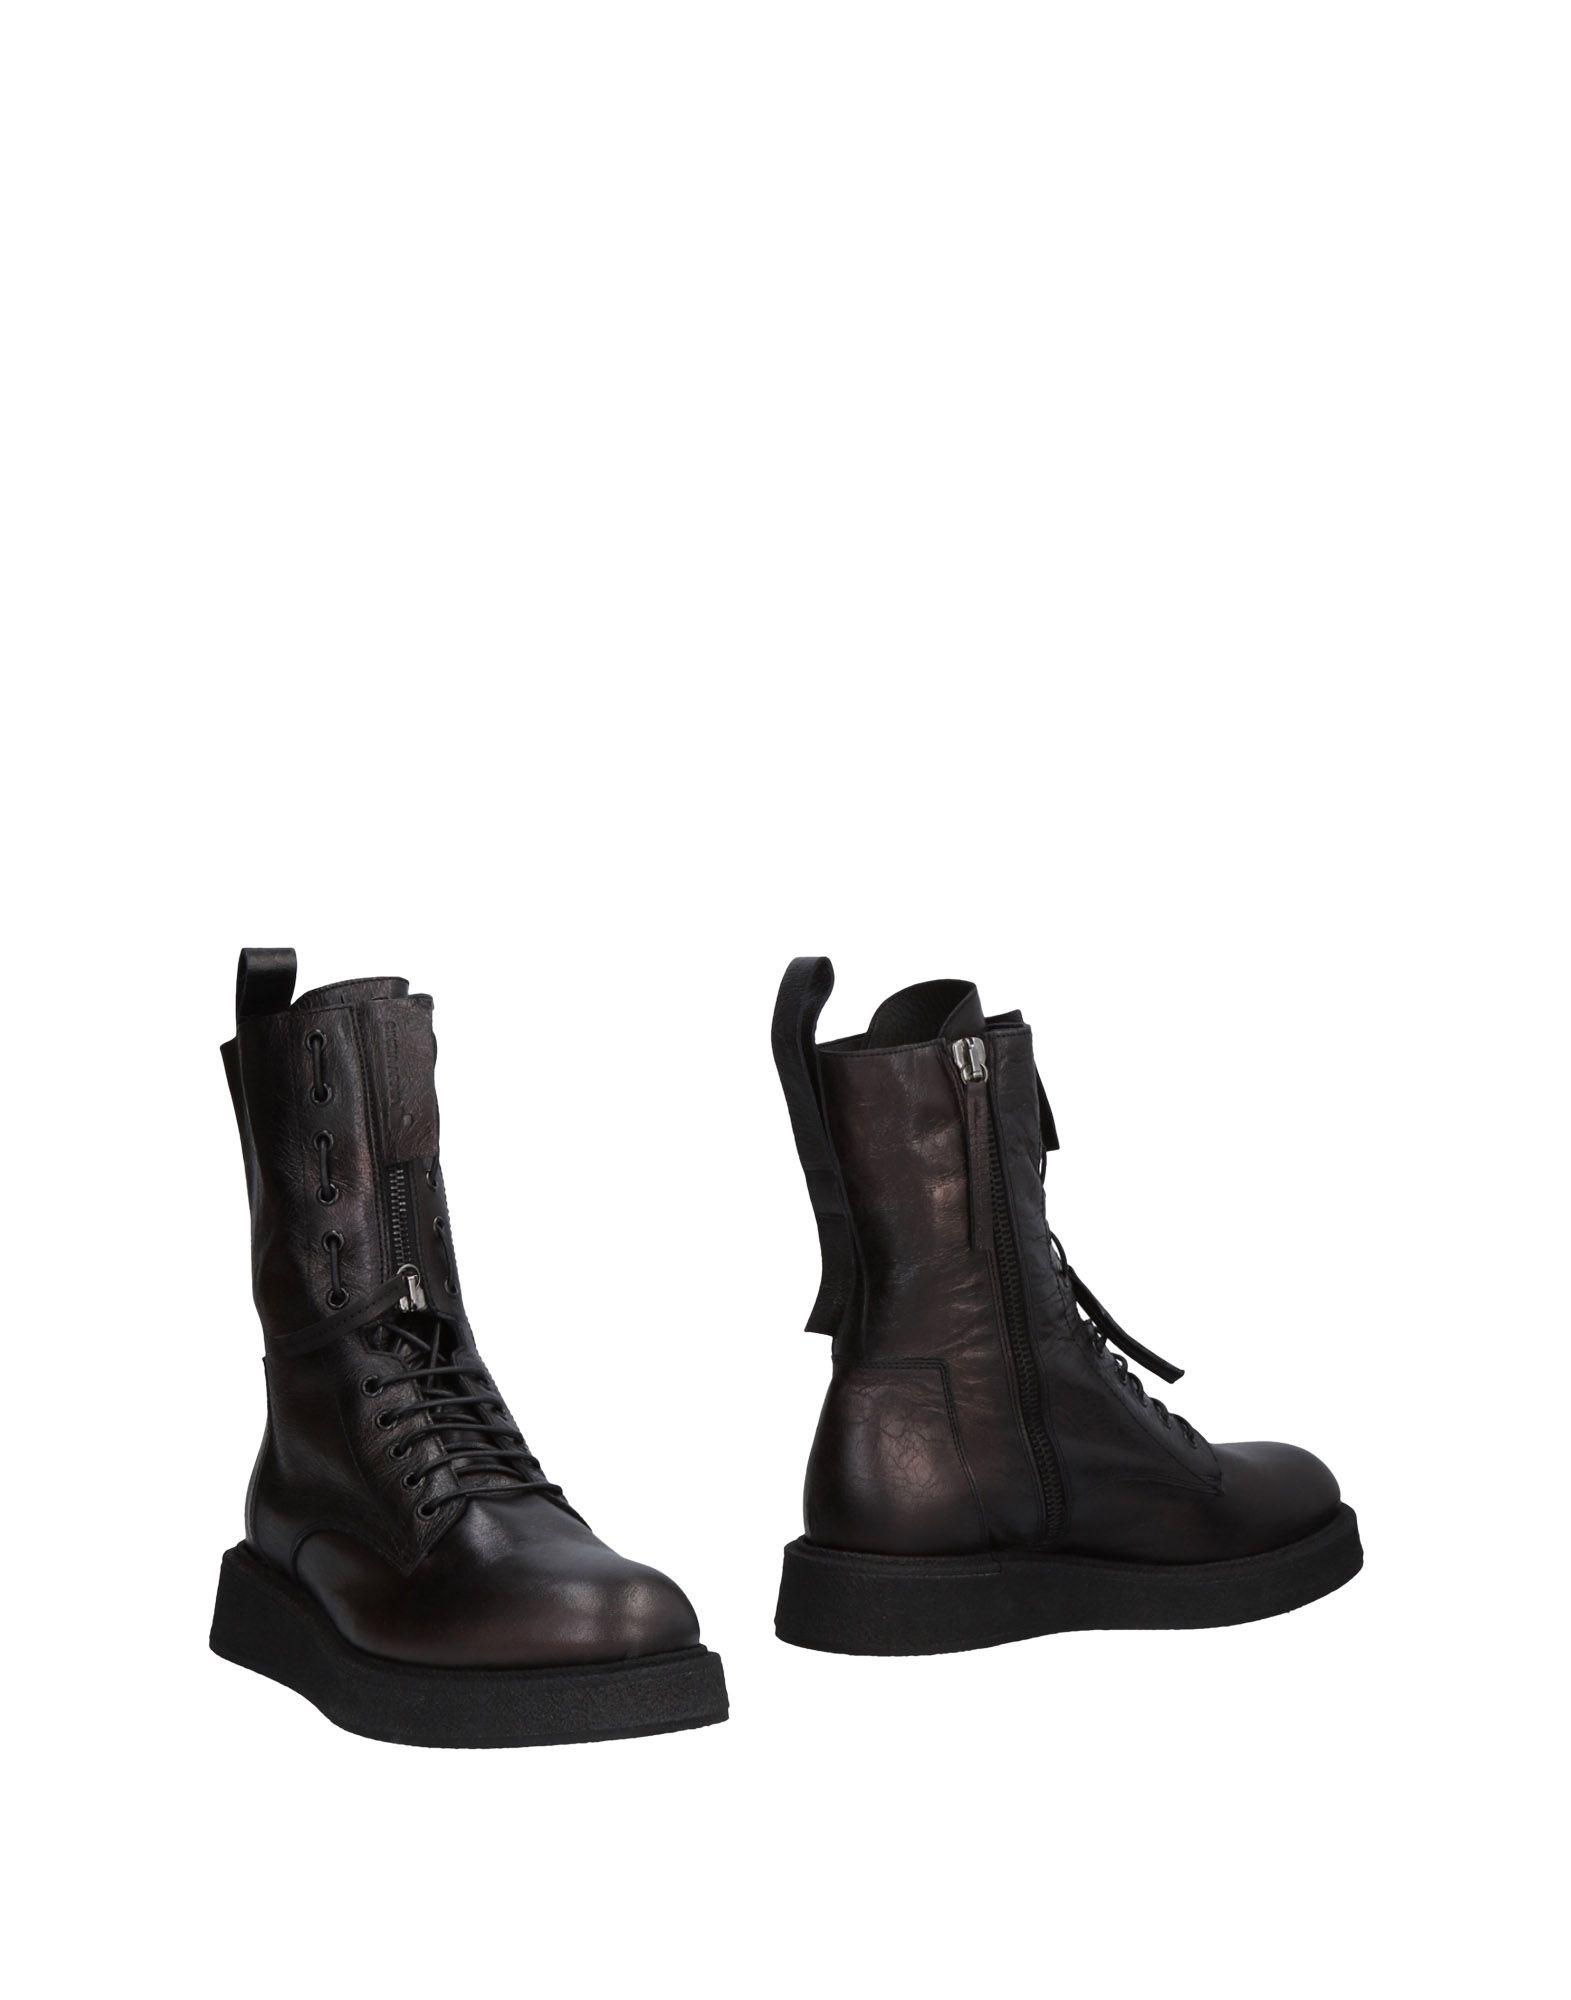 Cinzia Araia Stiefelette Herren beliebte  11494022JX Gute Qualität beliebte Herren Schuhe ec0dd2